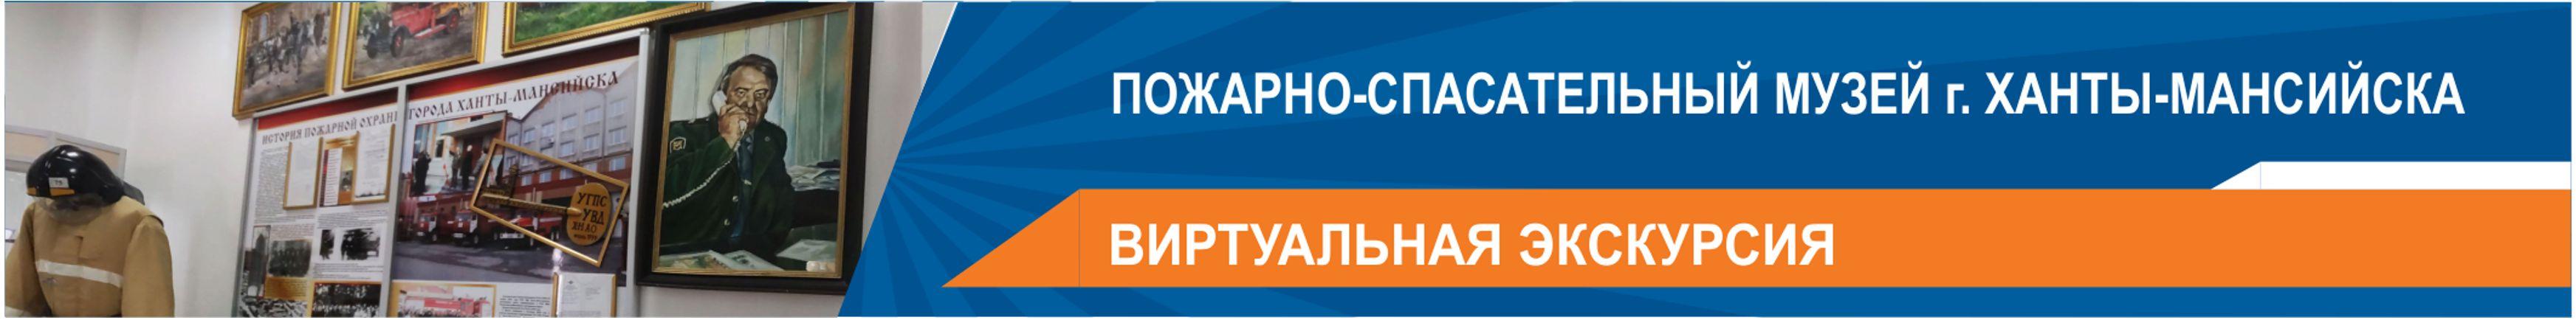 Музей пожарной охраны г. Ханты-Мансийска